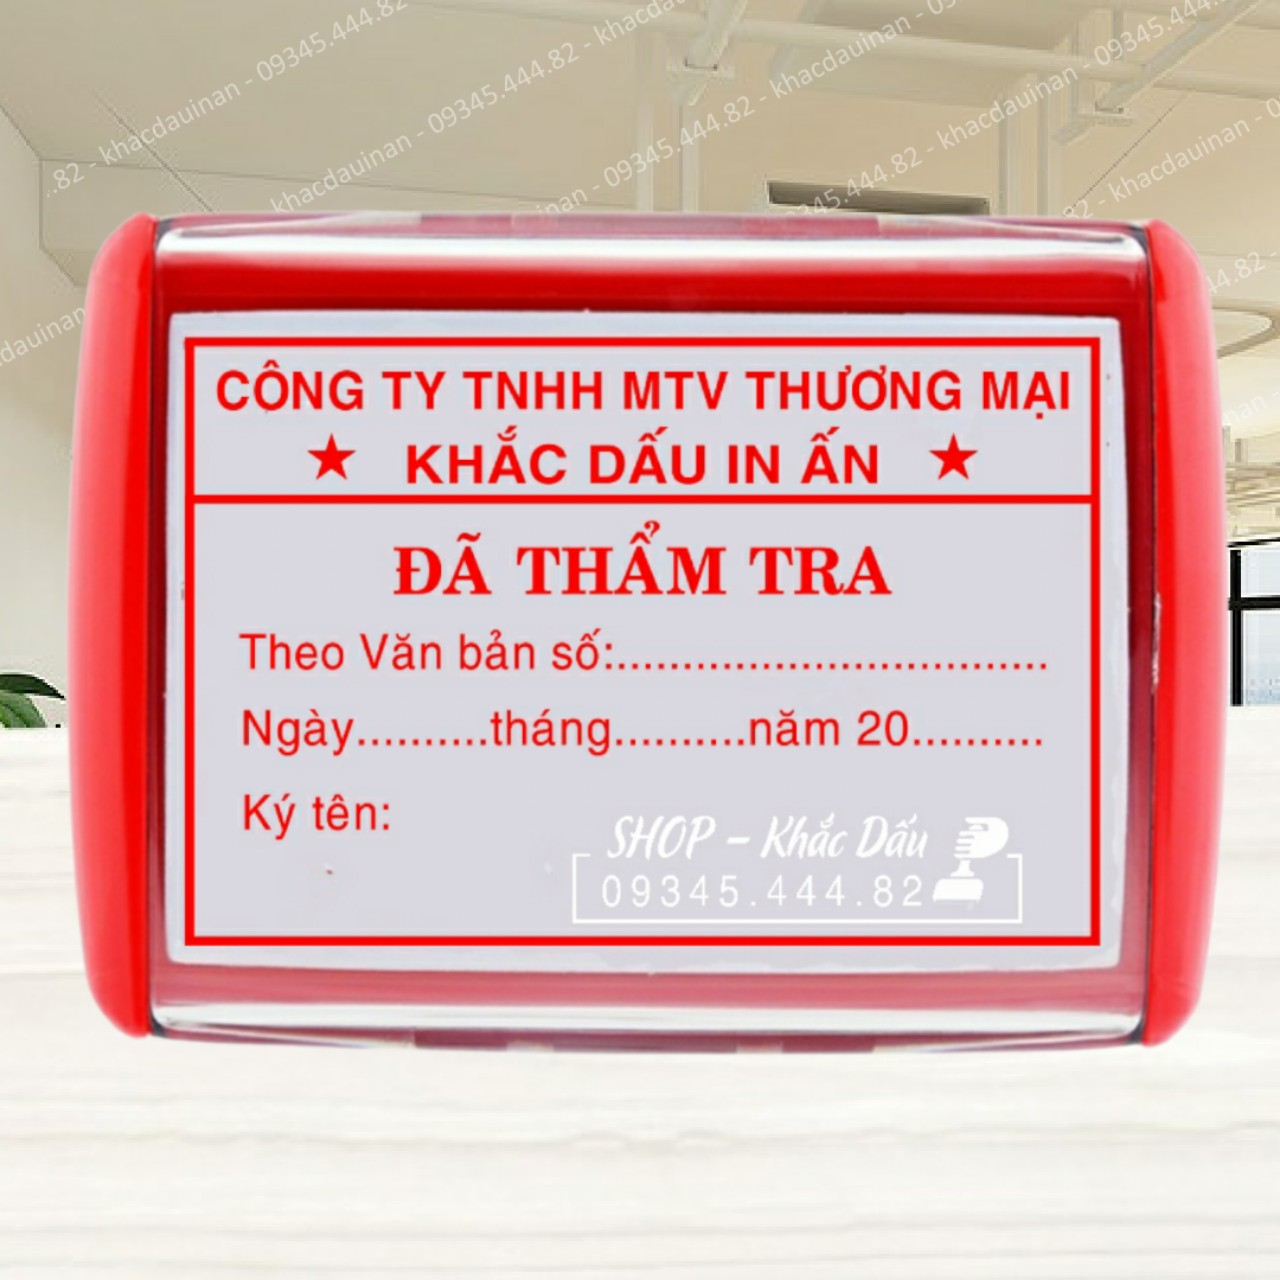 Quý công ty đang cần làm con dấu đã thẩm tra hãy đến ngay với chúng tôi, dịch vụ làm con dấu giá rẻ tại TPHCM, Hà Nội.